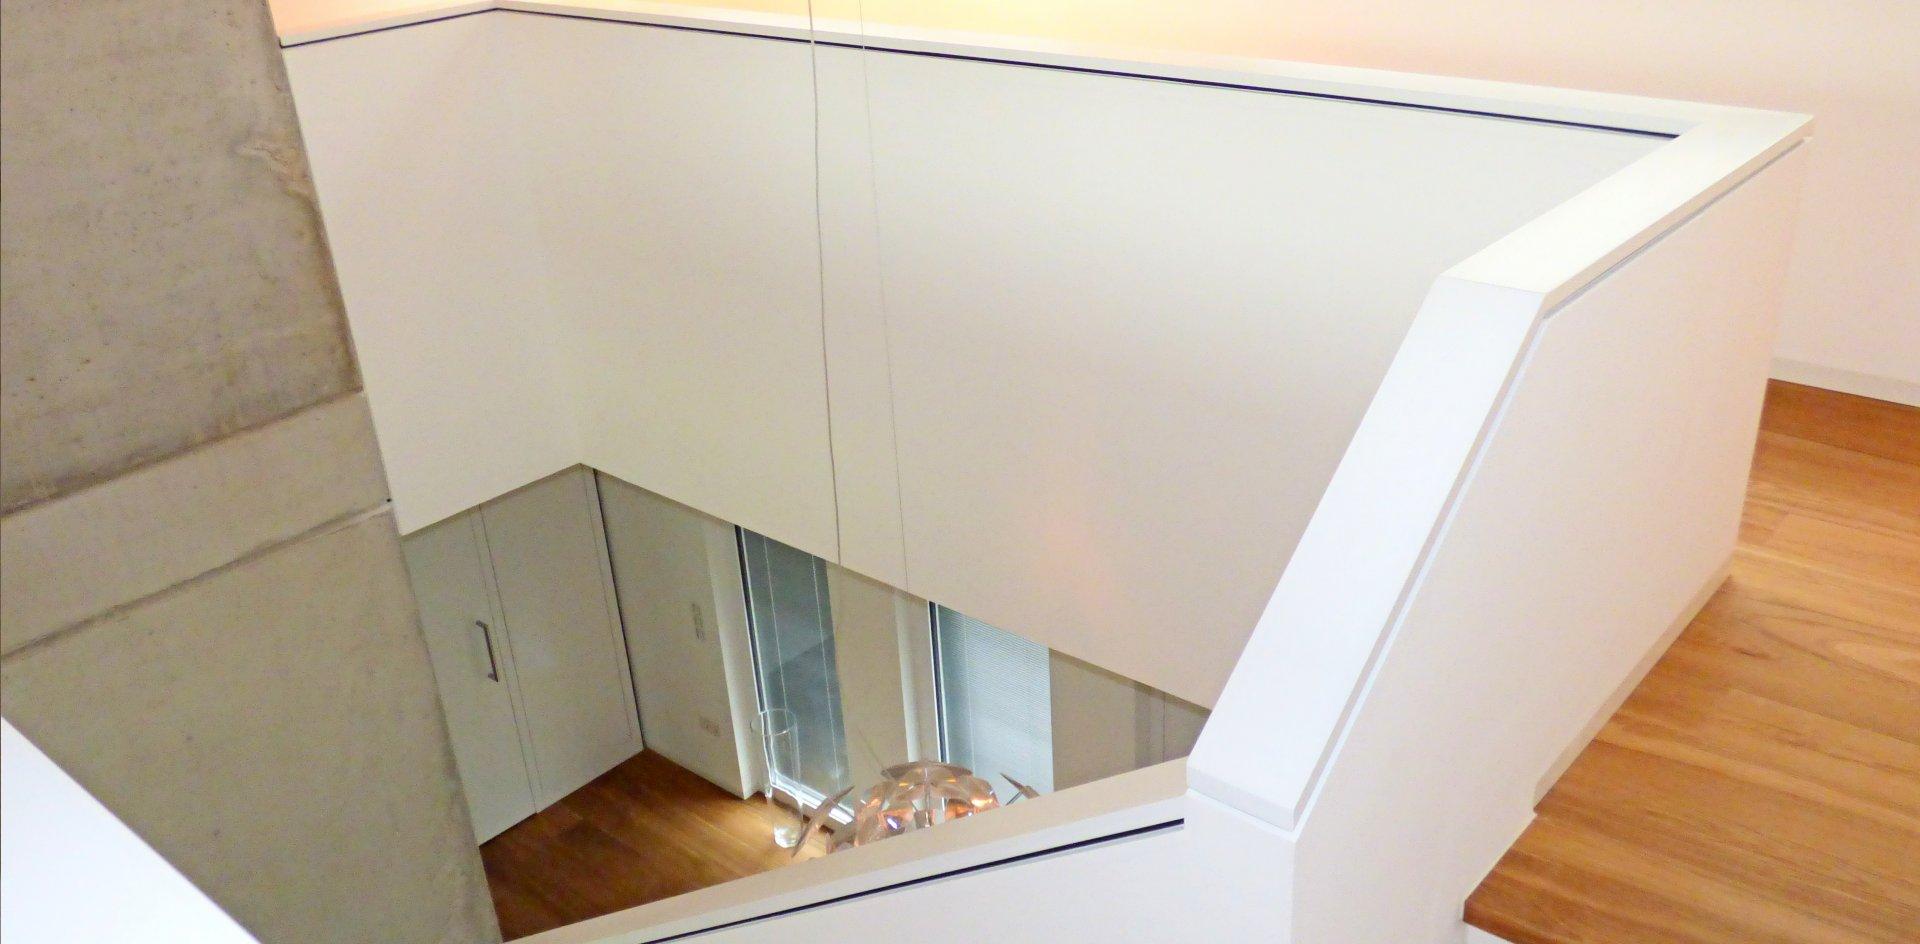 Badausstellung D Sseldorf ungewöhnlich badezimmermöbel düsseldorf zeitgenössisch die kinderzimmer design ideen pecko info